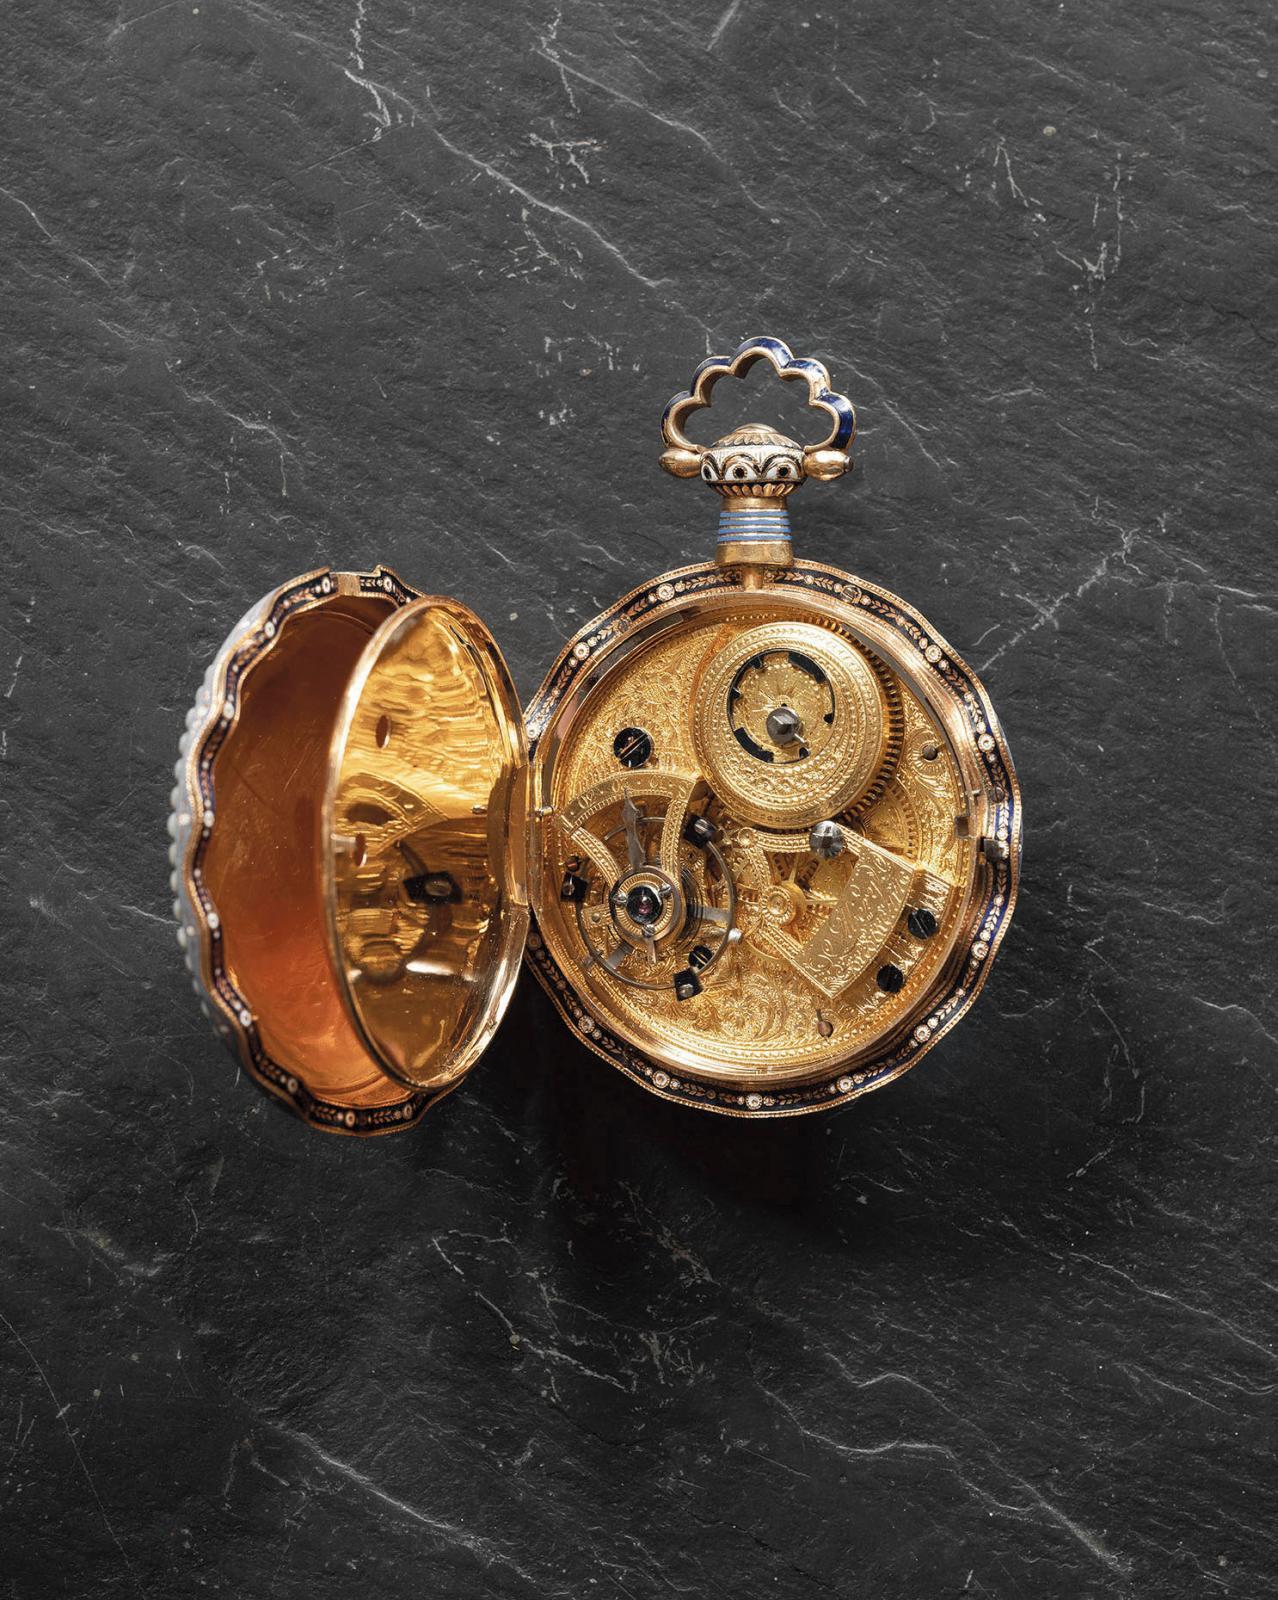 Williem Ilbery (1760-1839), montre en or émaillé fabriquée pour le marché chinois, entourage de demi-perles, médaillon orné d'un paysage d